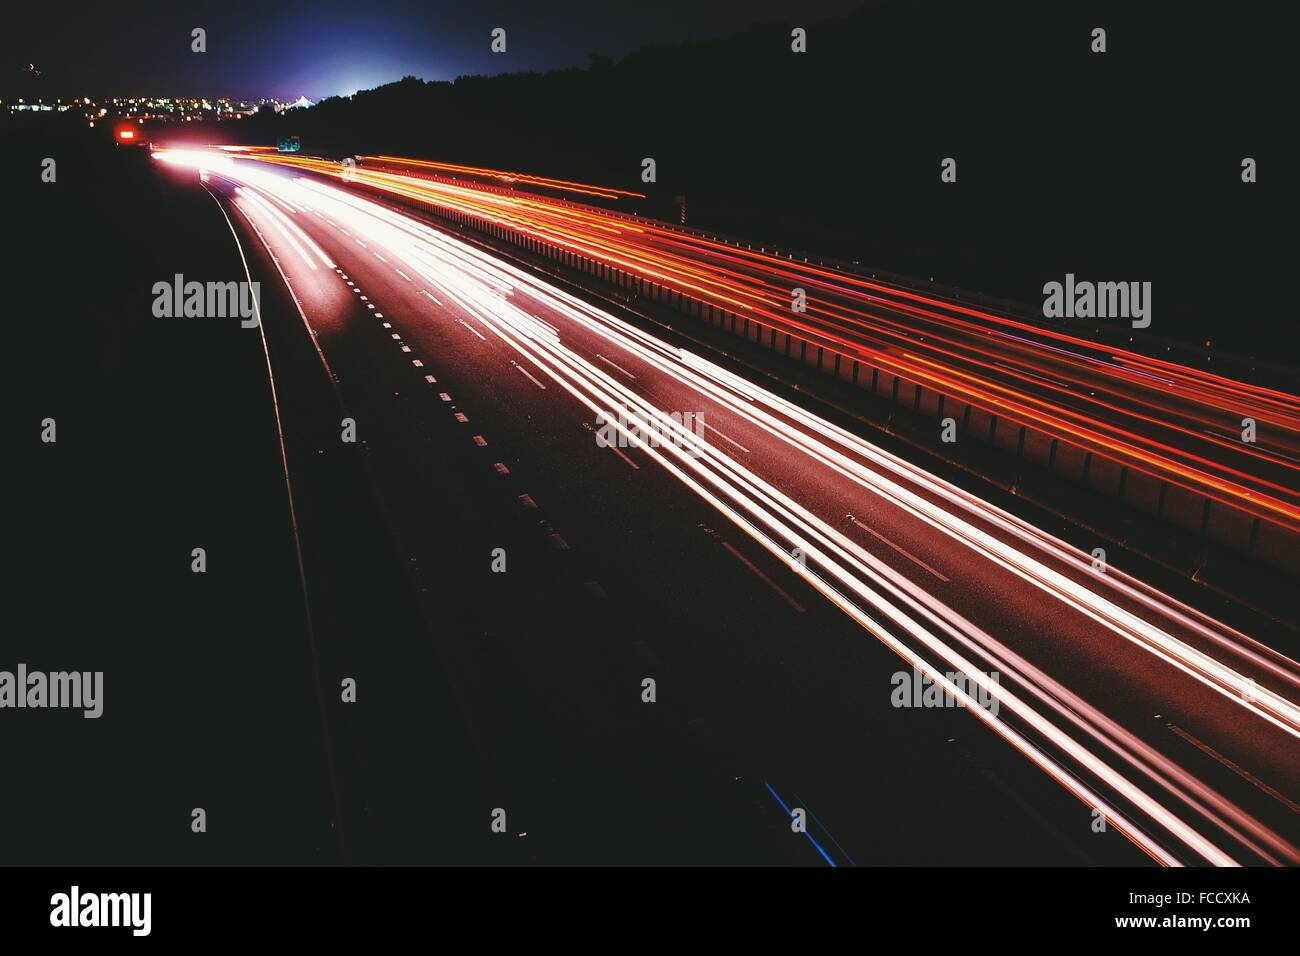 Striature chiare sulla strada di notte Immagini Stock